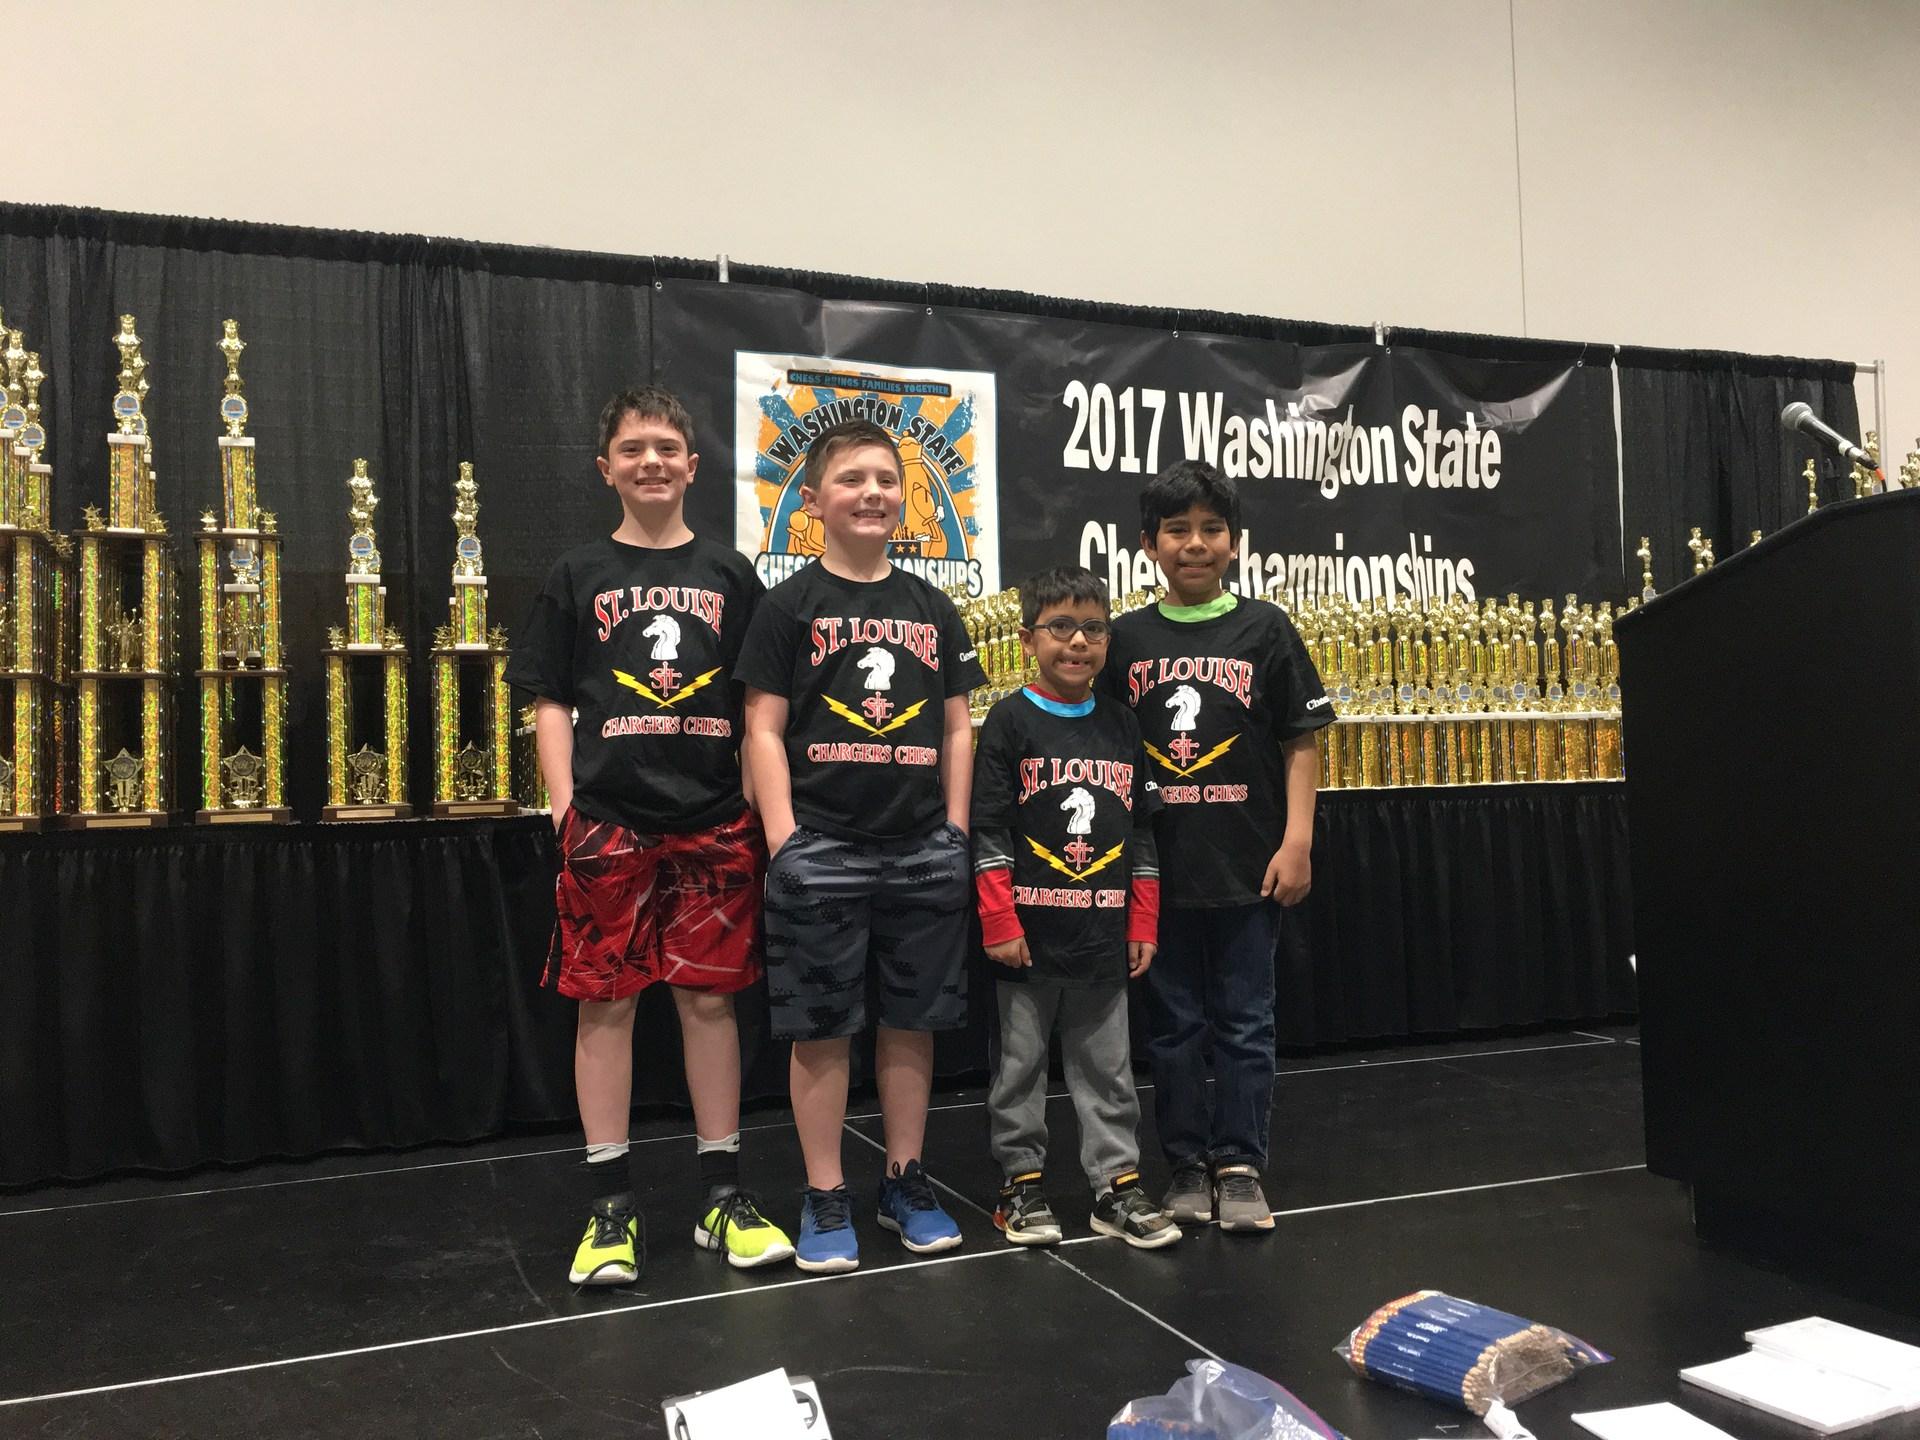 St. Louise Chess Club at 2017 WA State Chess Champtionship